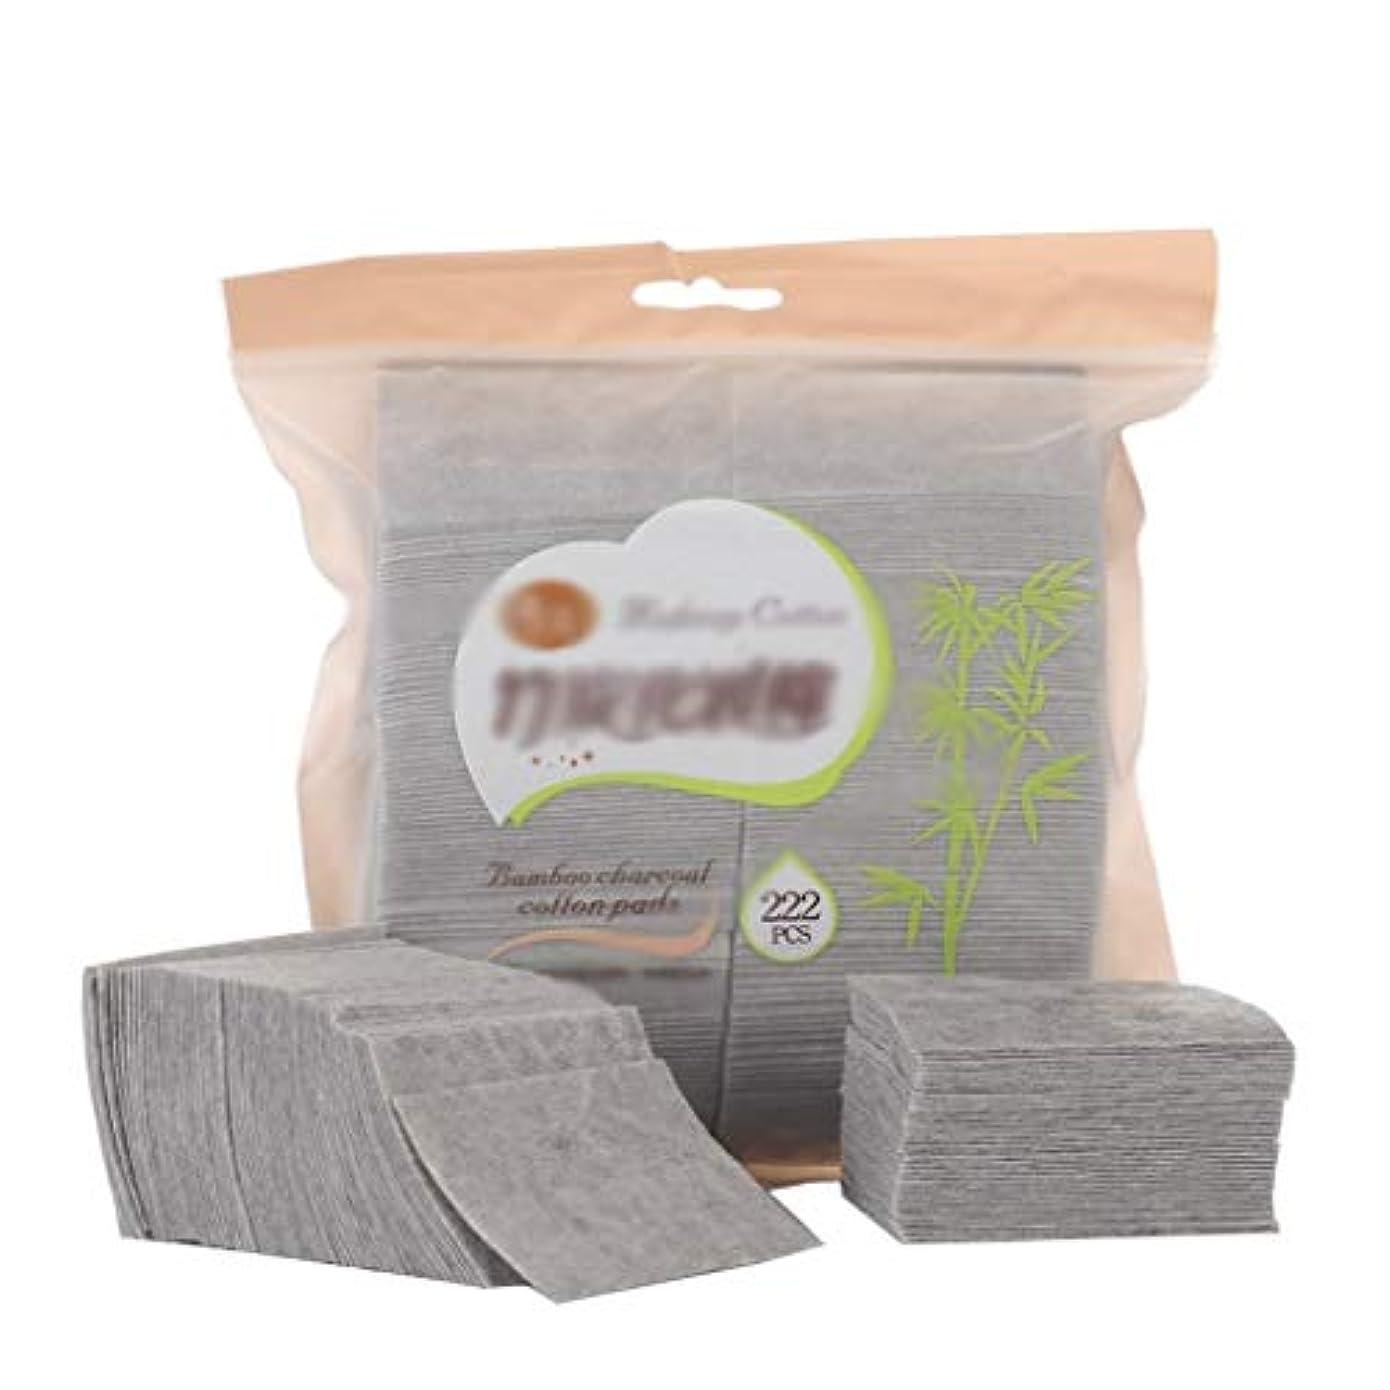 物理的に属性チェリークレンジングシート 222ピース箱入り竹炭化粧コットンパッド両面使い捨て洗顔コットンポータブルメイクアップコットンピース (Color : Gray, サイズ : 5*7cm)